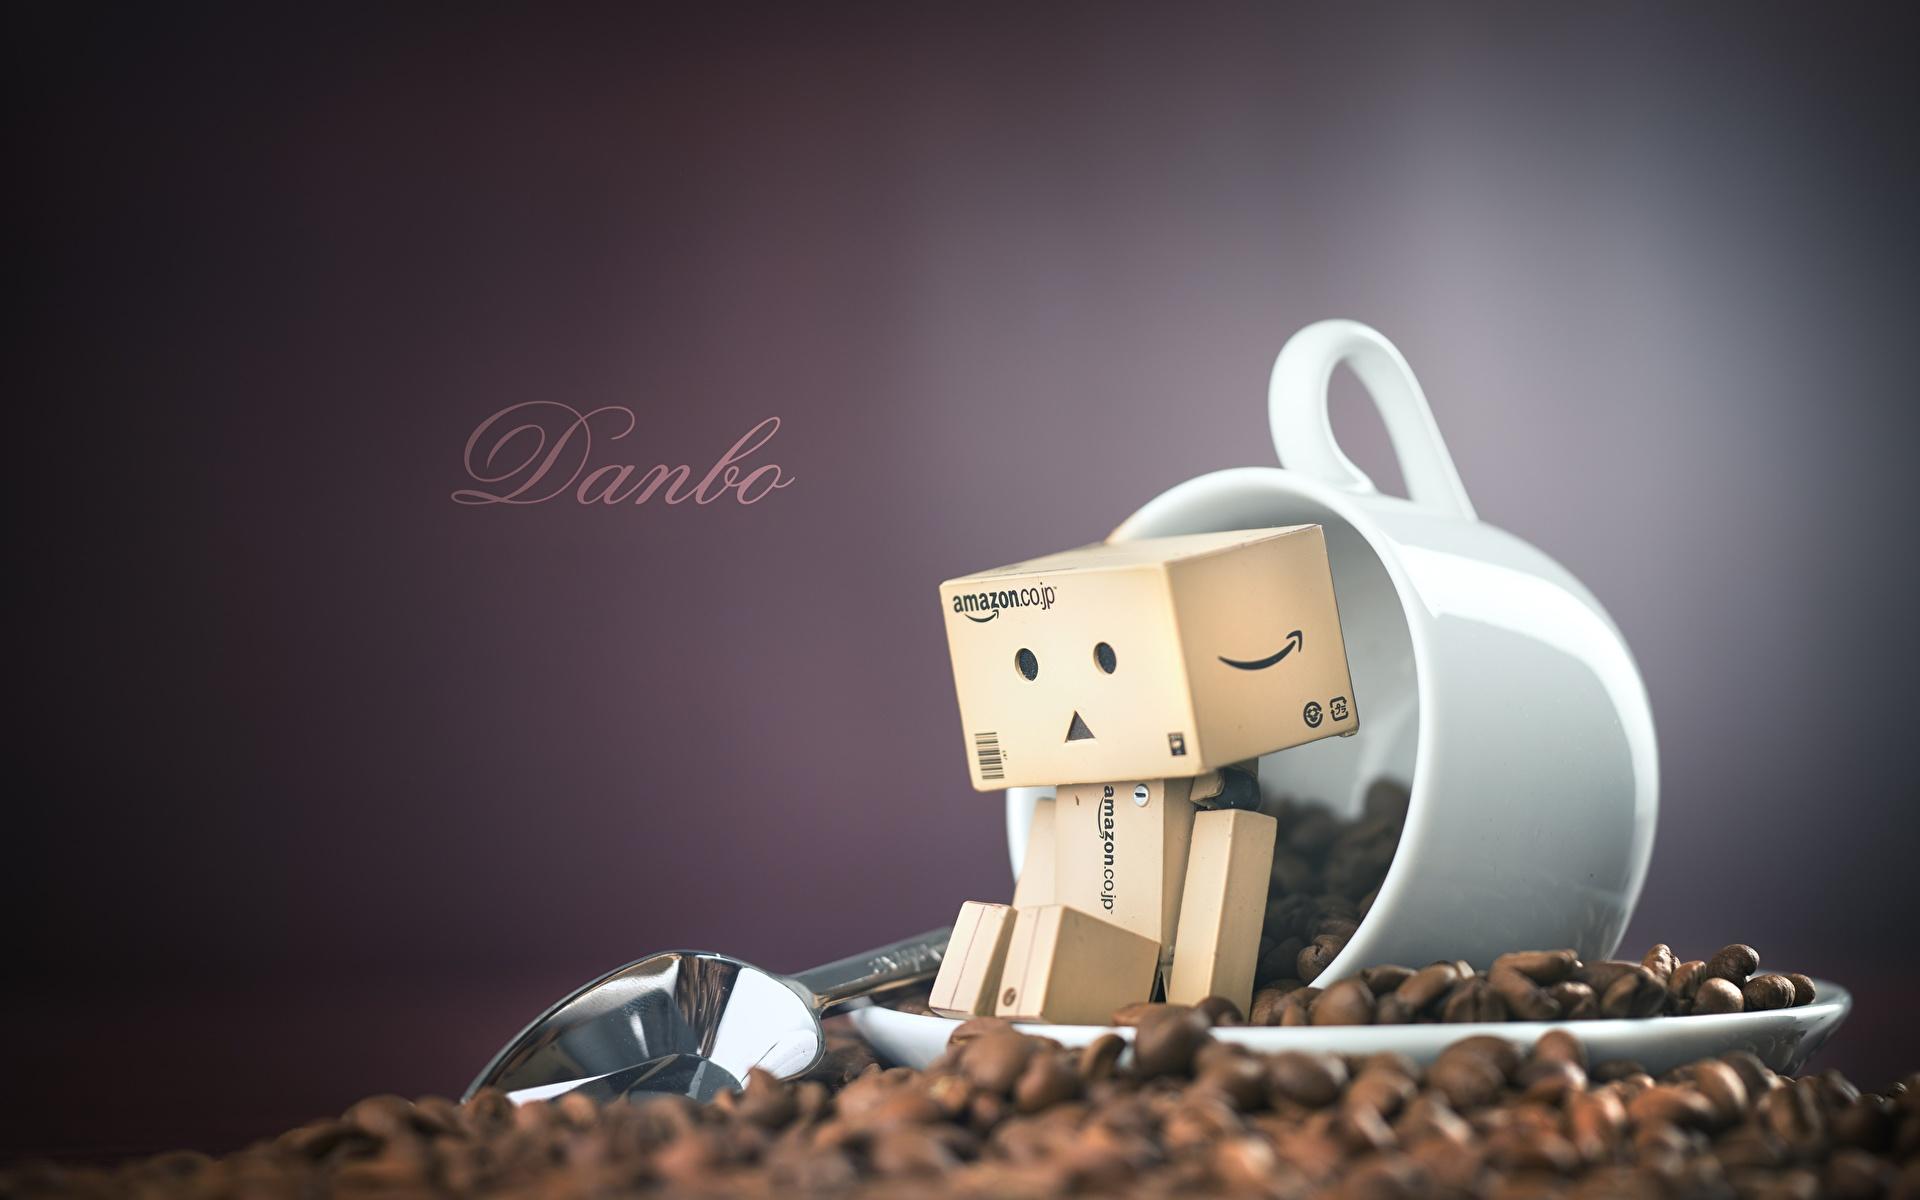 壁紙 19x10 コーヒー ダンボー 穀物 ティーカップ ダウンロード 写真